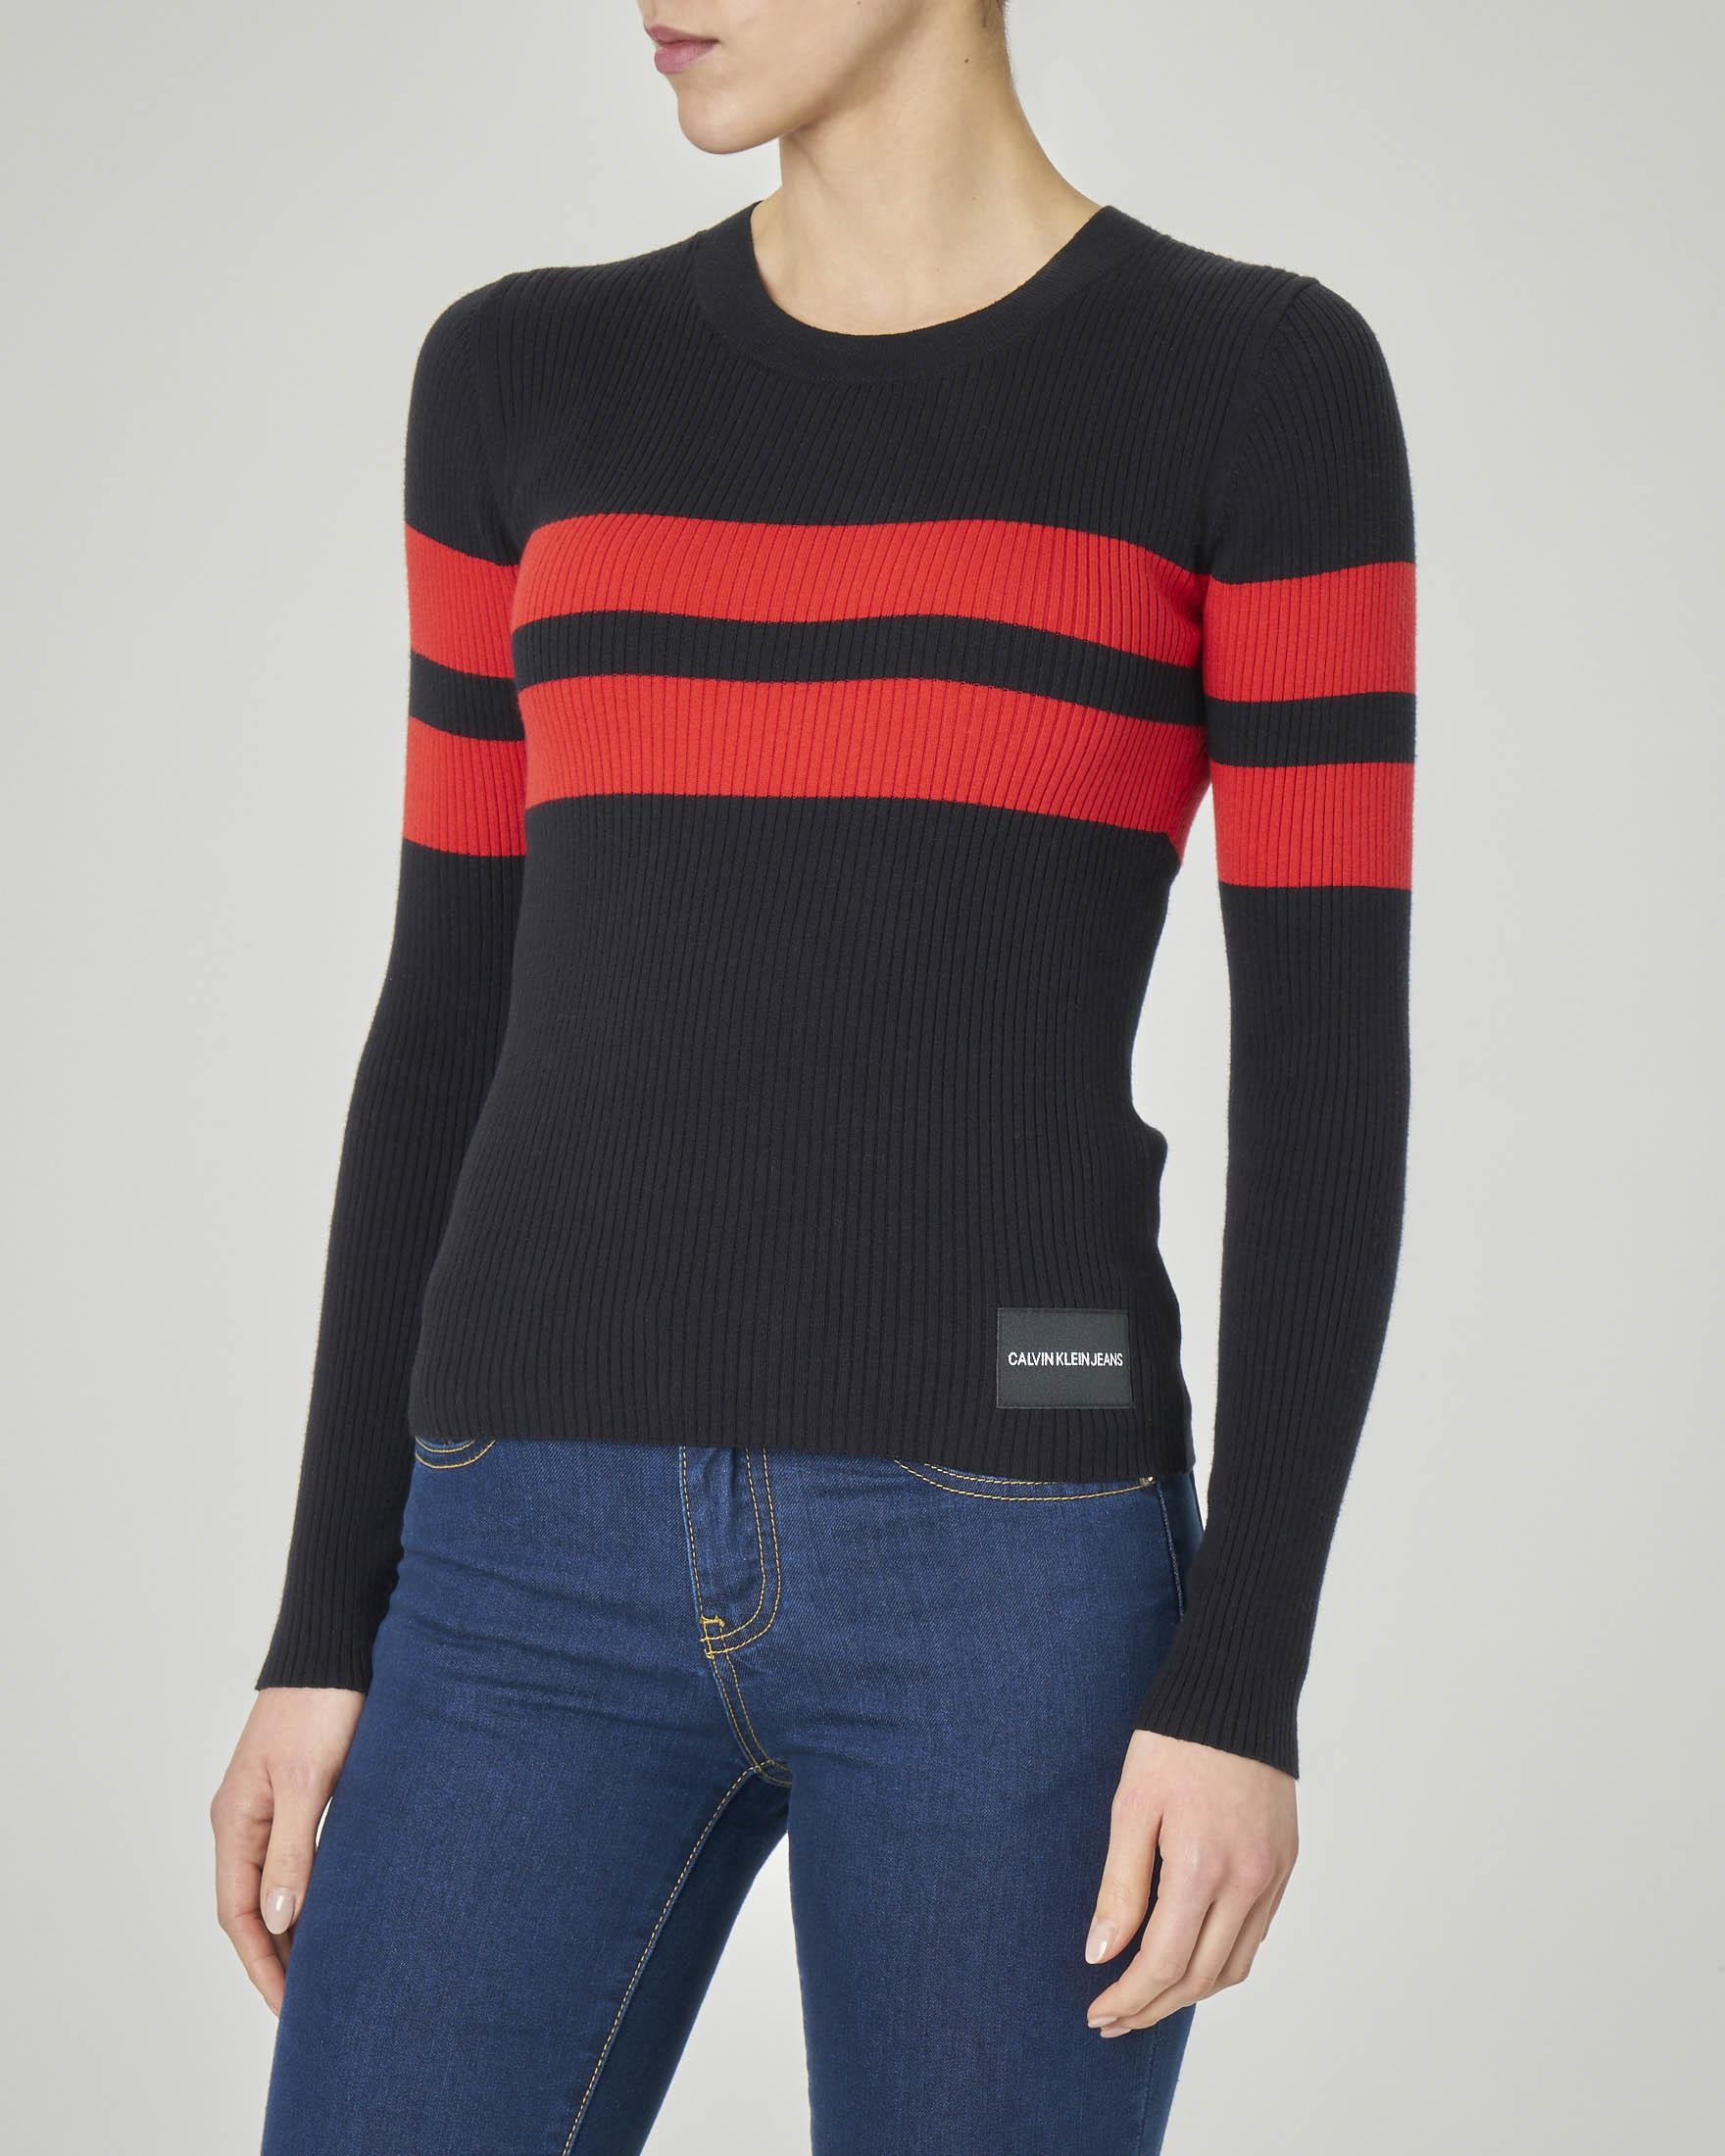 Maglia nera maniche lunghe a costine a righe rosse